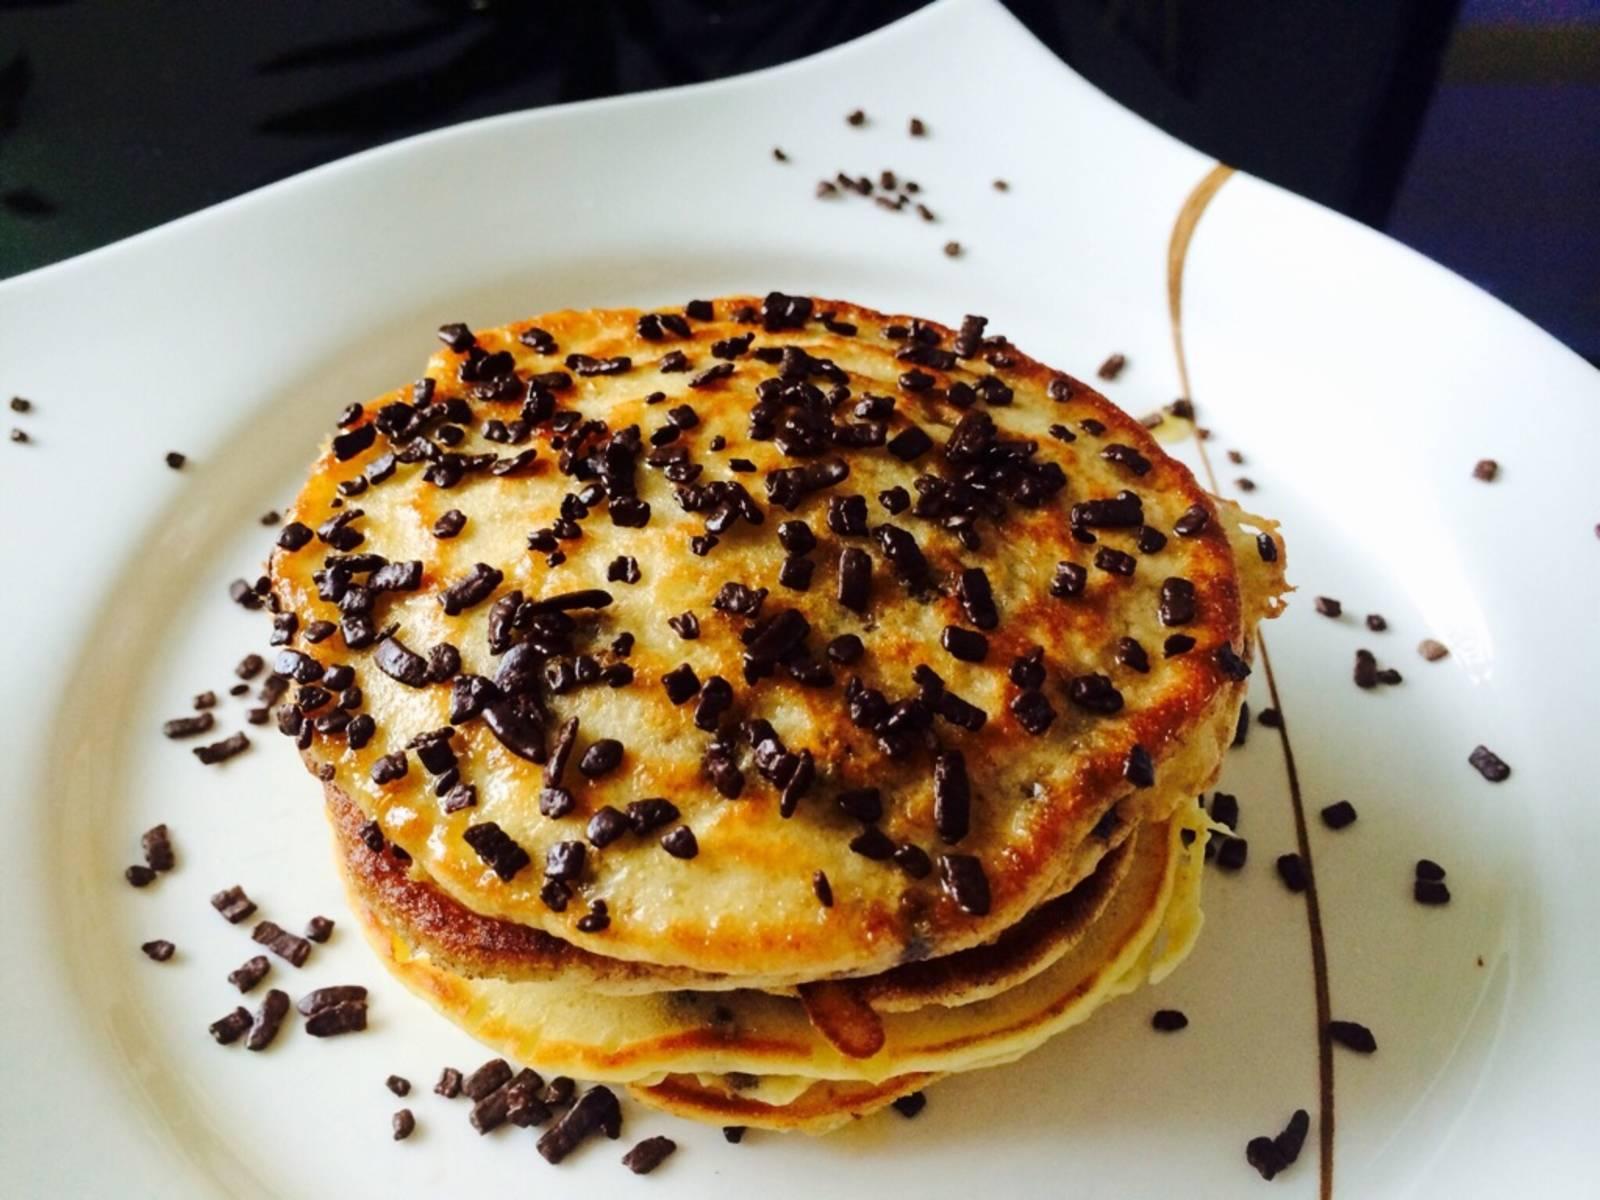 Den Teig langsam in einer beschichteten Pfanne ausbacken und mit Puderzucker oder Schokoladenstreuseln servieren.